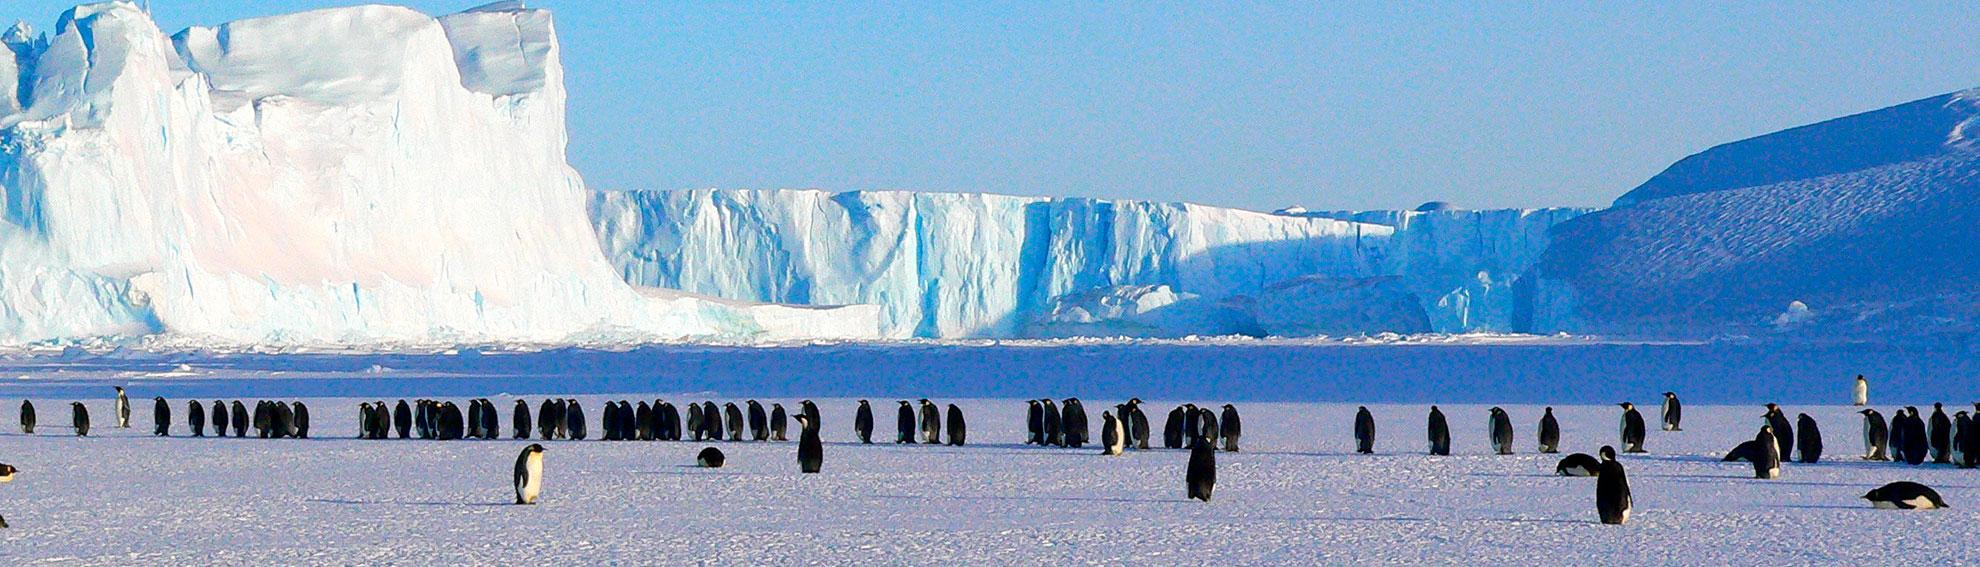 Русскоязычный экспедиционный круиз в Антарктиду